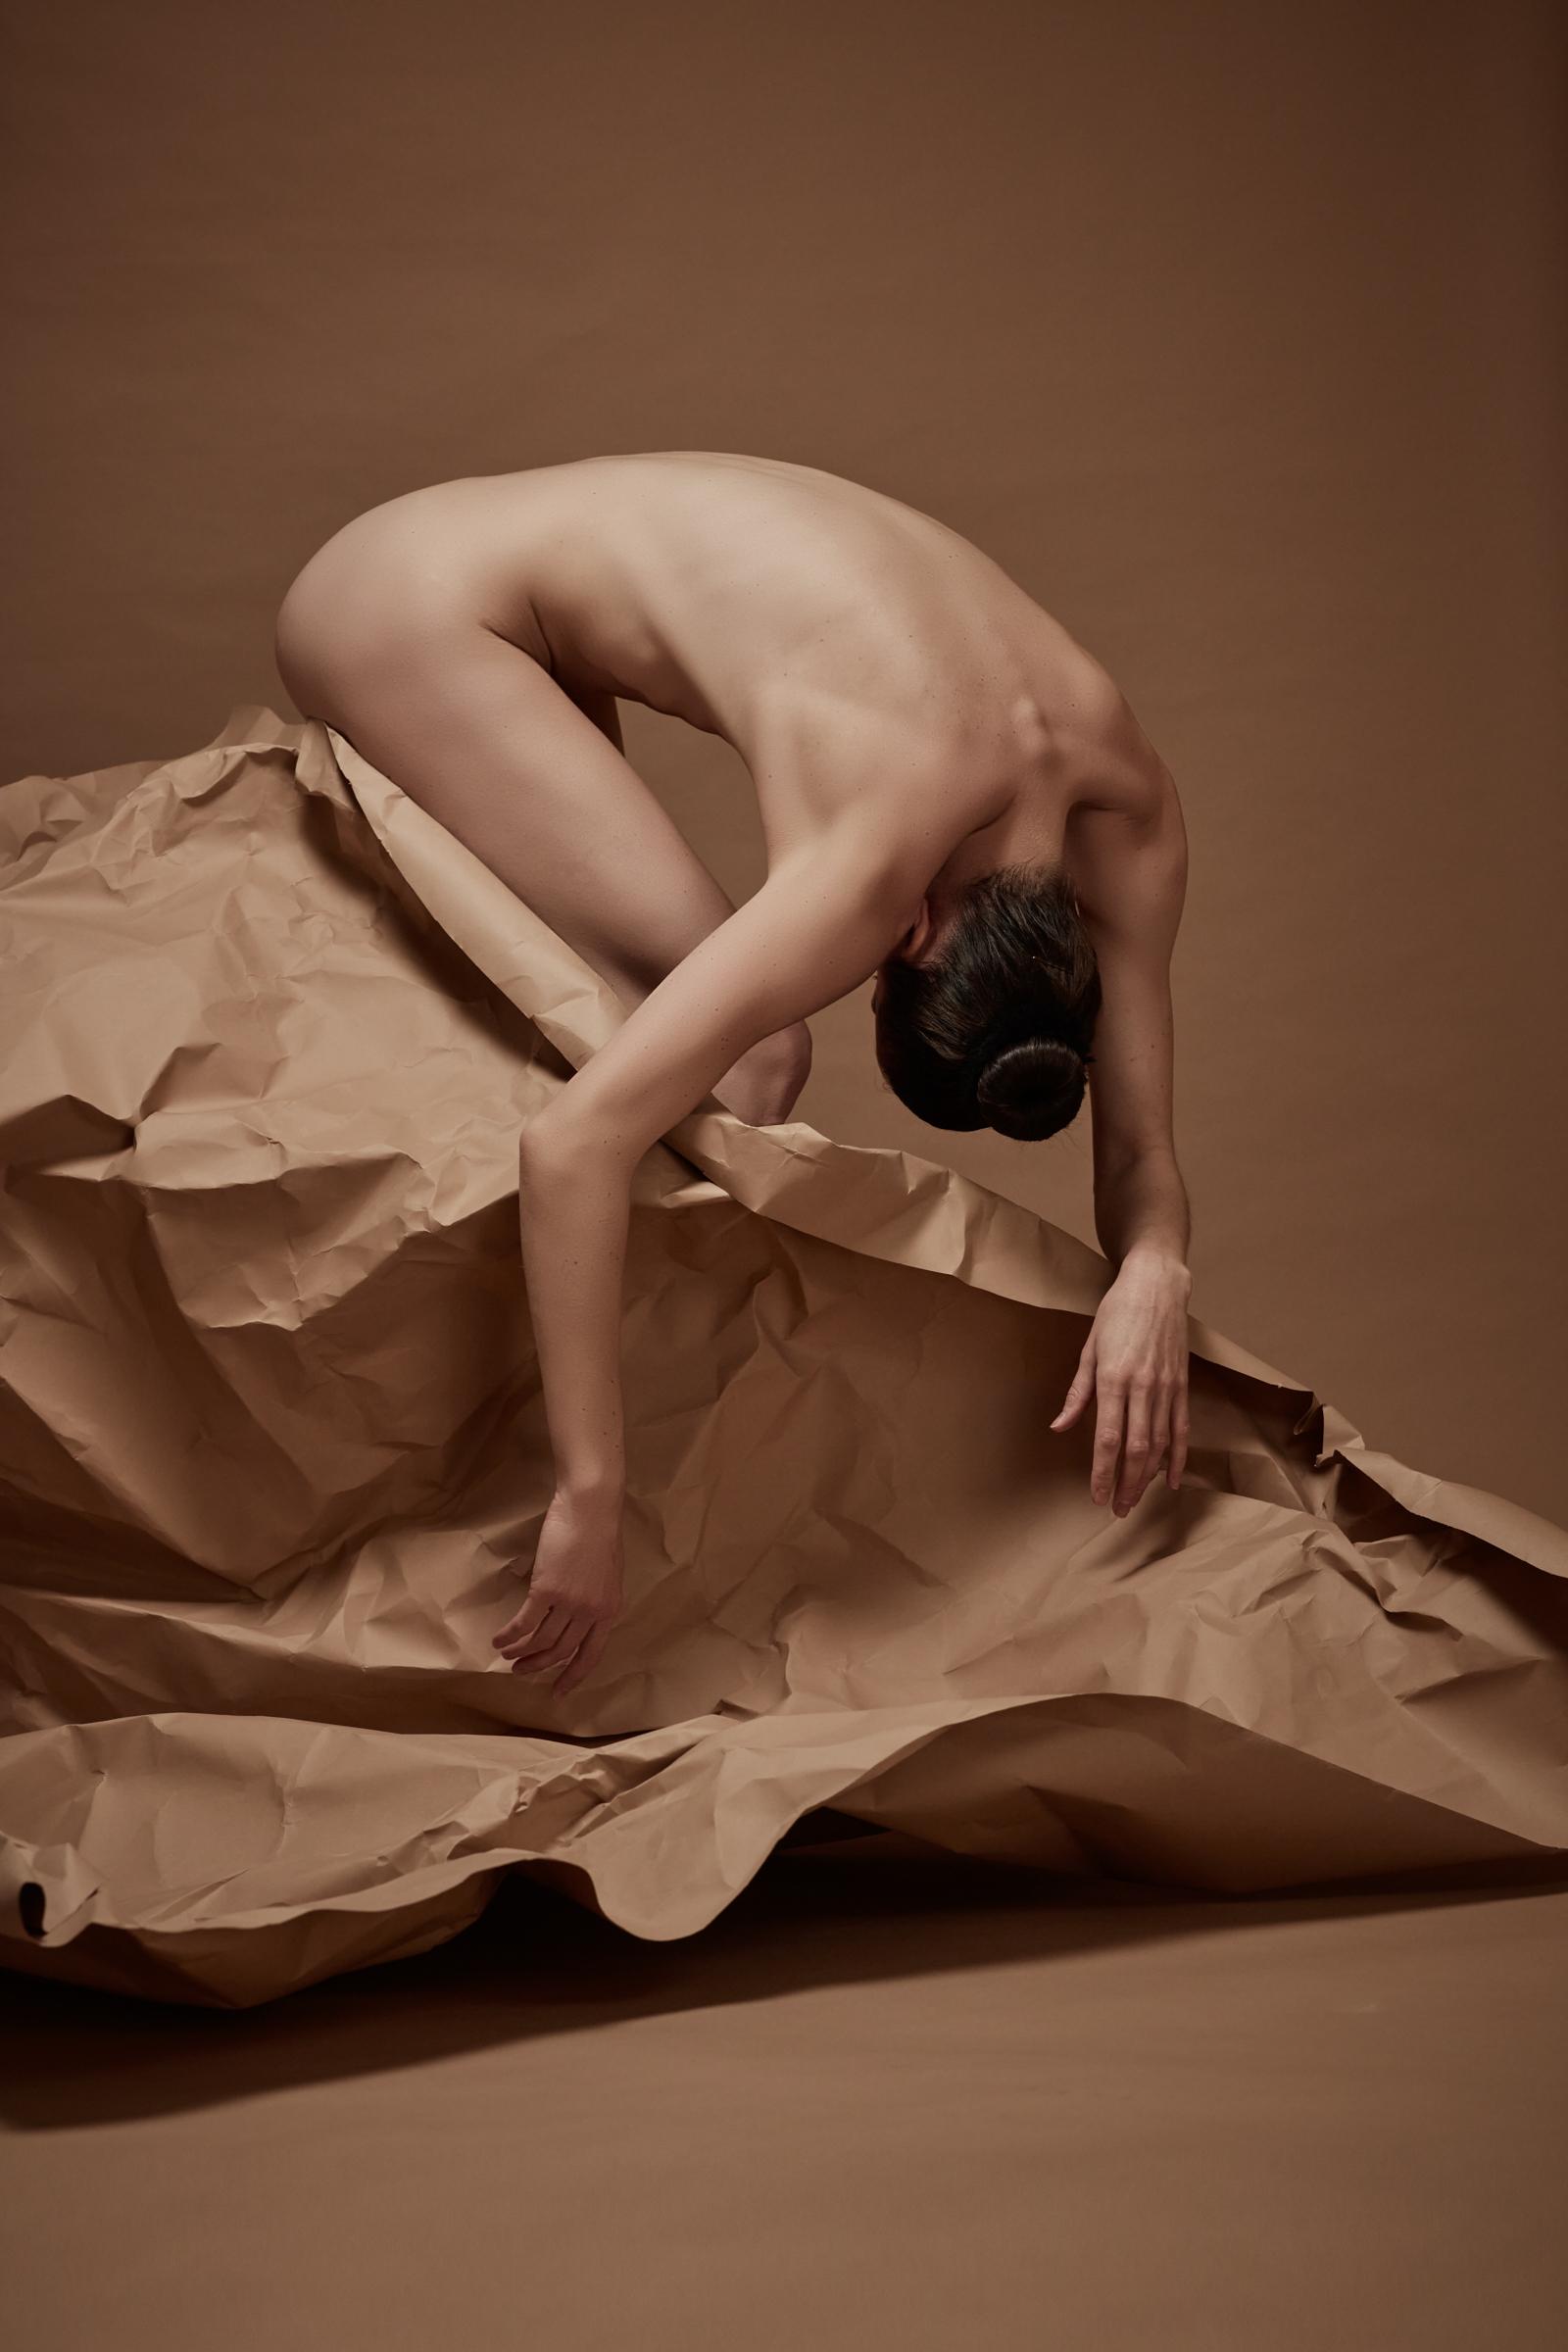 denisa sculptural art nude in studio mainz 05